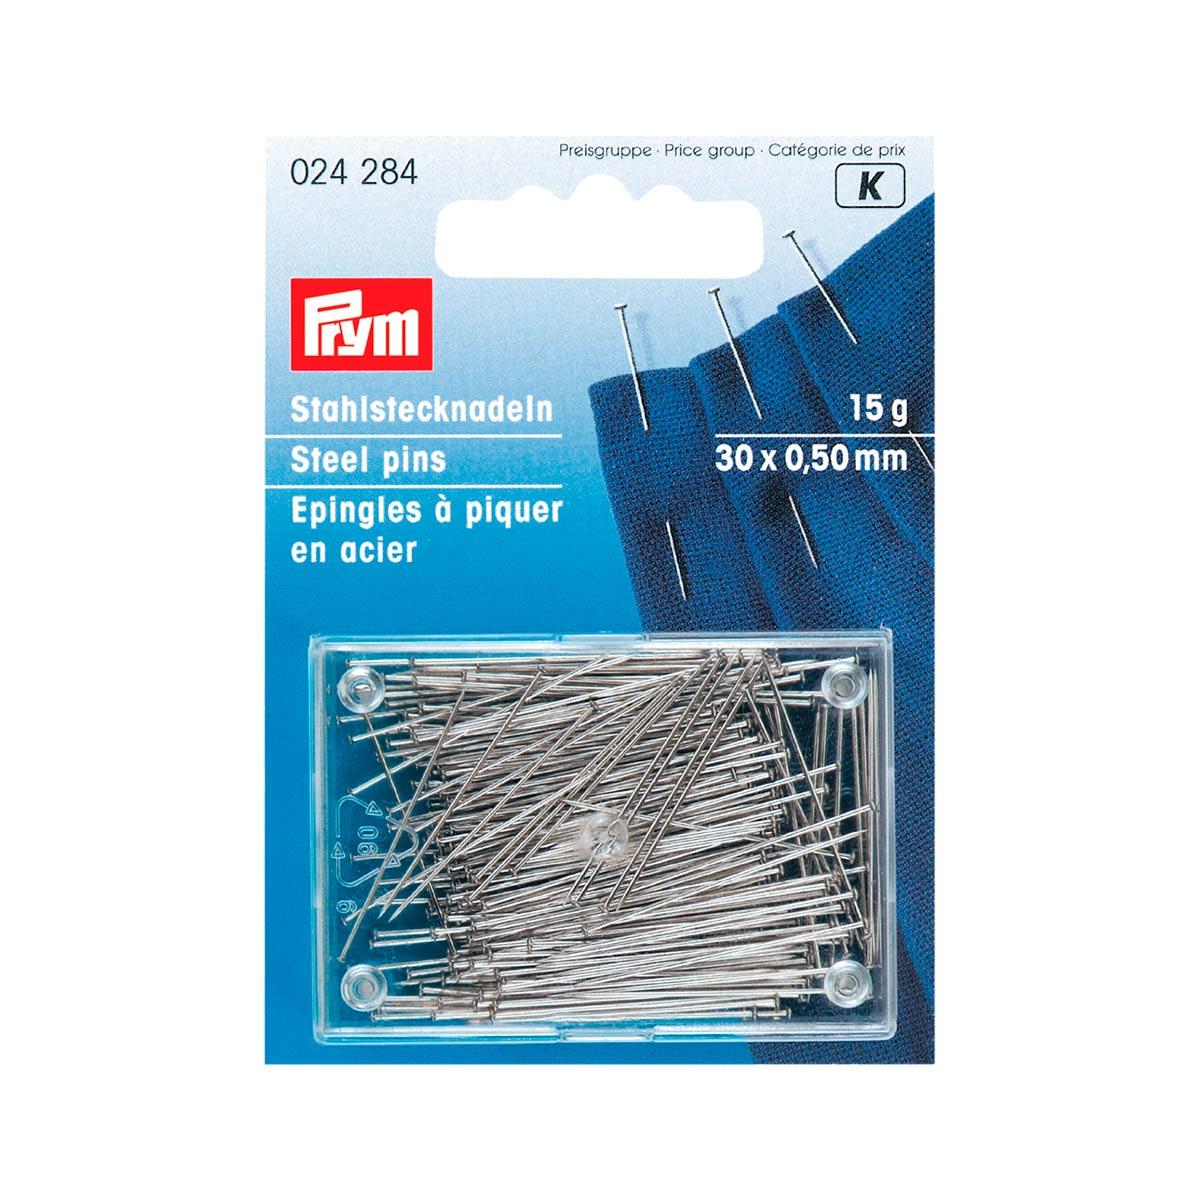 024284 Булавки (сталь) 6 очень тонкие, для шелка и сатина серебристый цв. 0,50 x 30 мм Prym